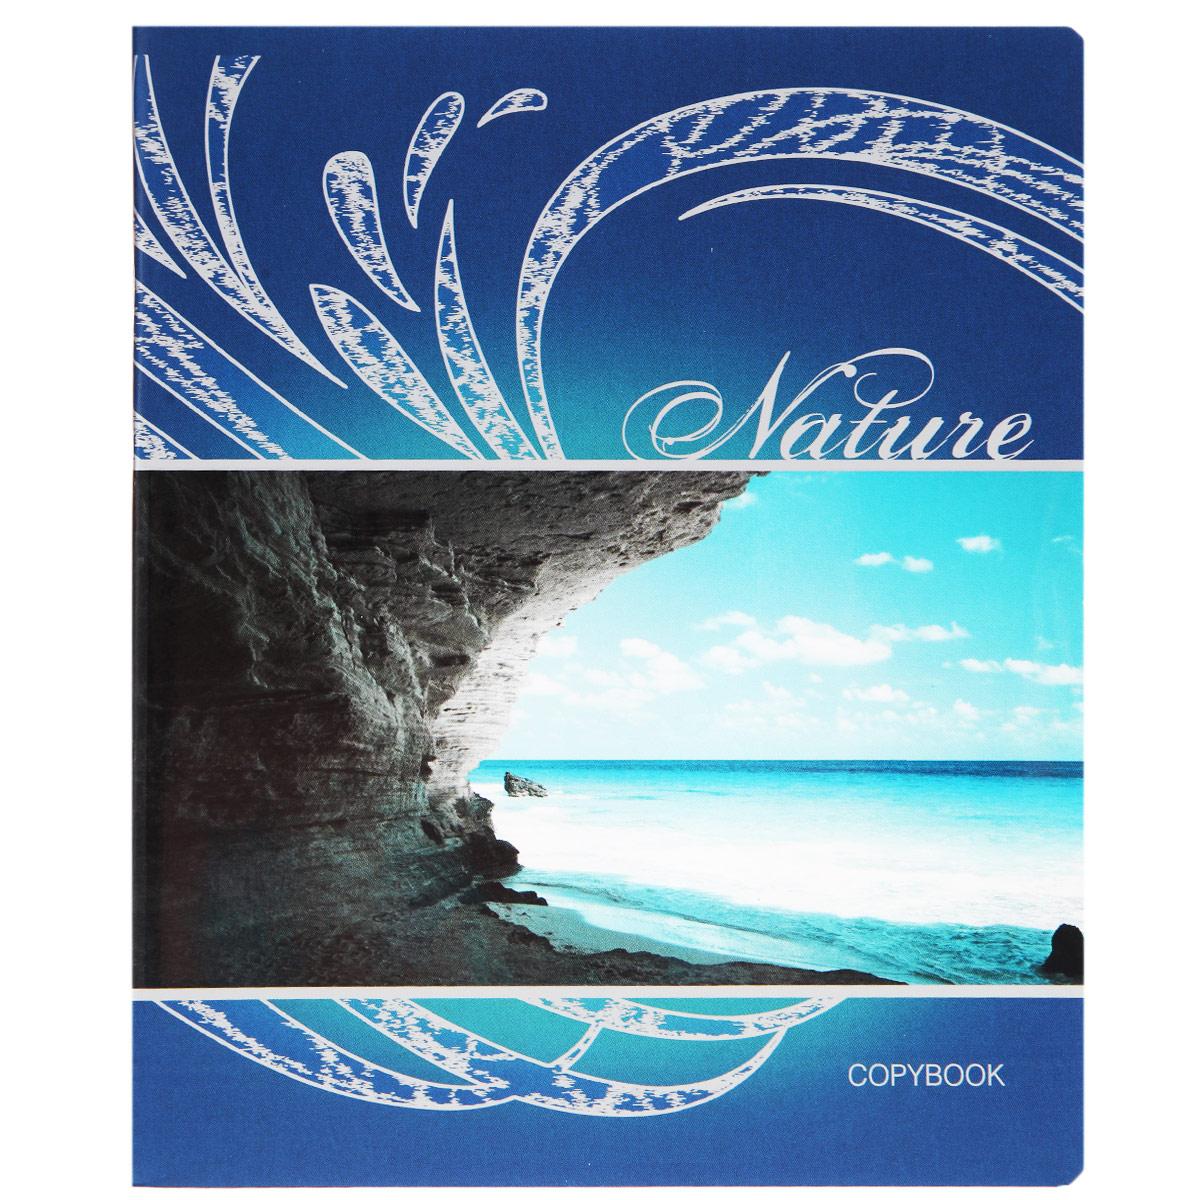 Тетрадь Blue Lagoon, 48 листов, формат А5, цвет: синий, рисунок 335452_3Тетрадь в клетку Blue Lagoon подойдет как студенту, так и школьнику. Обложка тетради с закругленными углами выполнена из плотной бумаги. На обложке красочное изображение природы. Внутренний блок состоит из 48 листов белой бумаги. Стандартная линовка в клетку дополнена полями, совпадающими с лицевой и оборотной стороны листа.